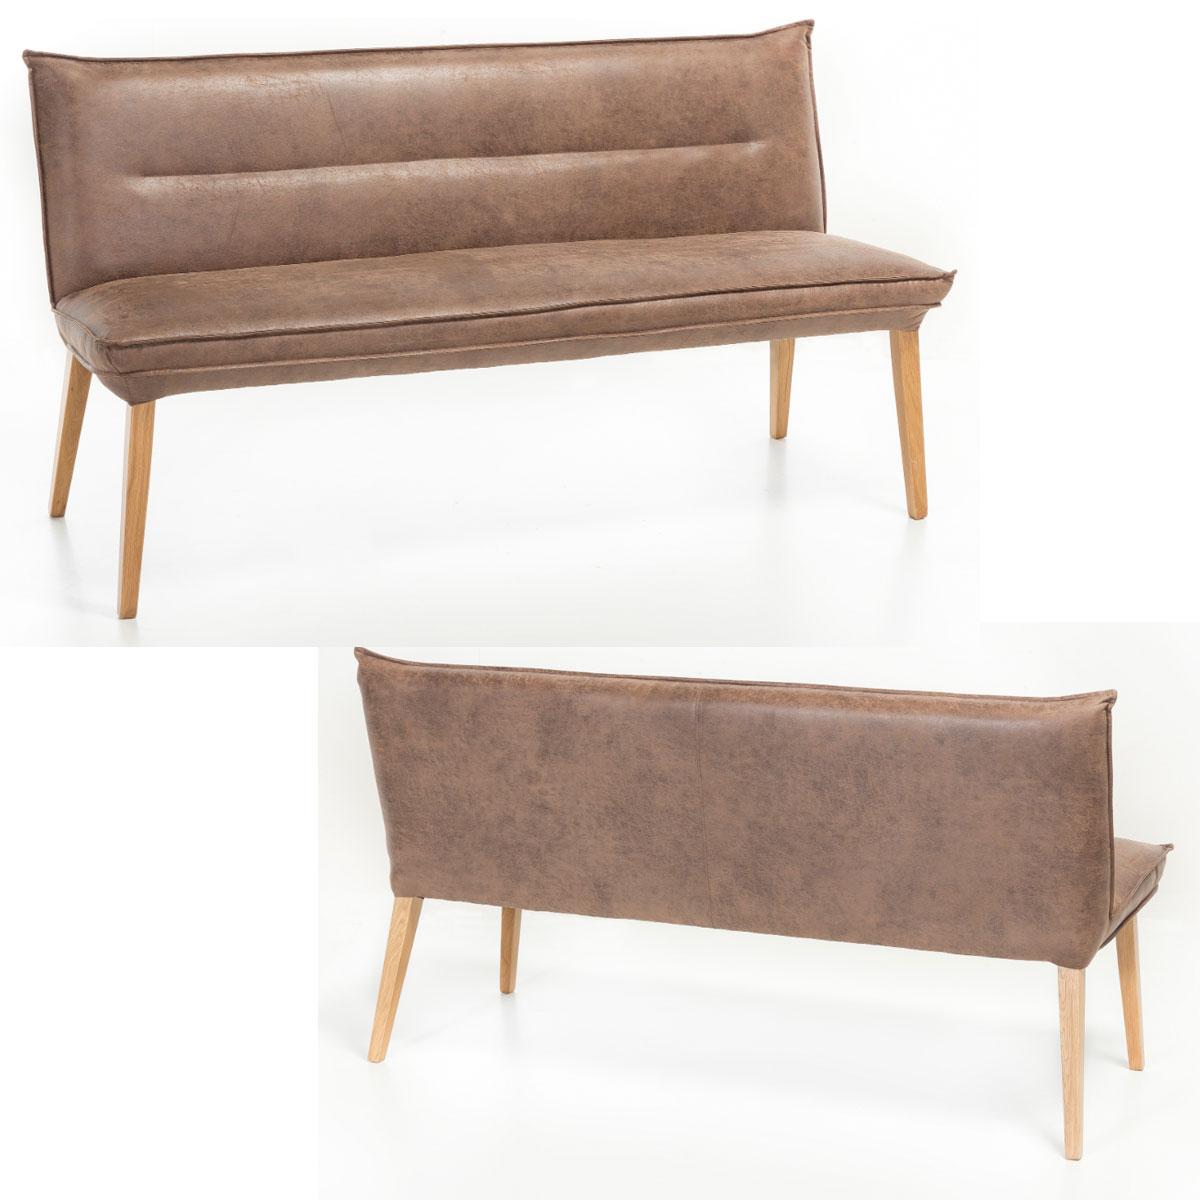 Full Size of Esszimmer Sofa Modern Vintage Couch Grau Sofabank Leder Ikea Landhausstil Samt 3 Sitzer 58bdf644210c3 Xxl Günstig Chesterfield Gebraucht Landhaus Liege Stoff Sofa Esszimmer Sofa